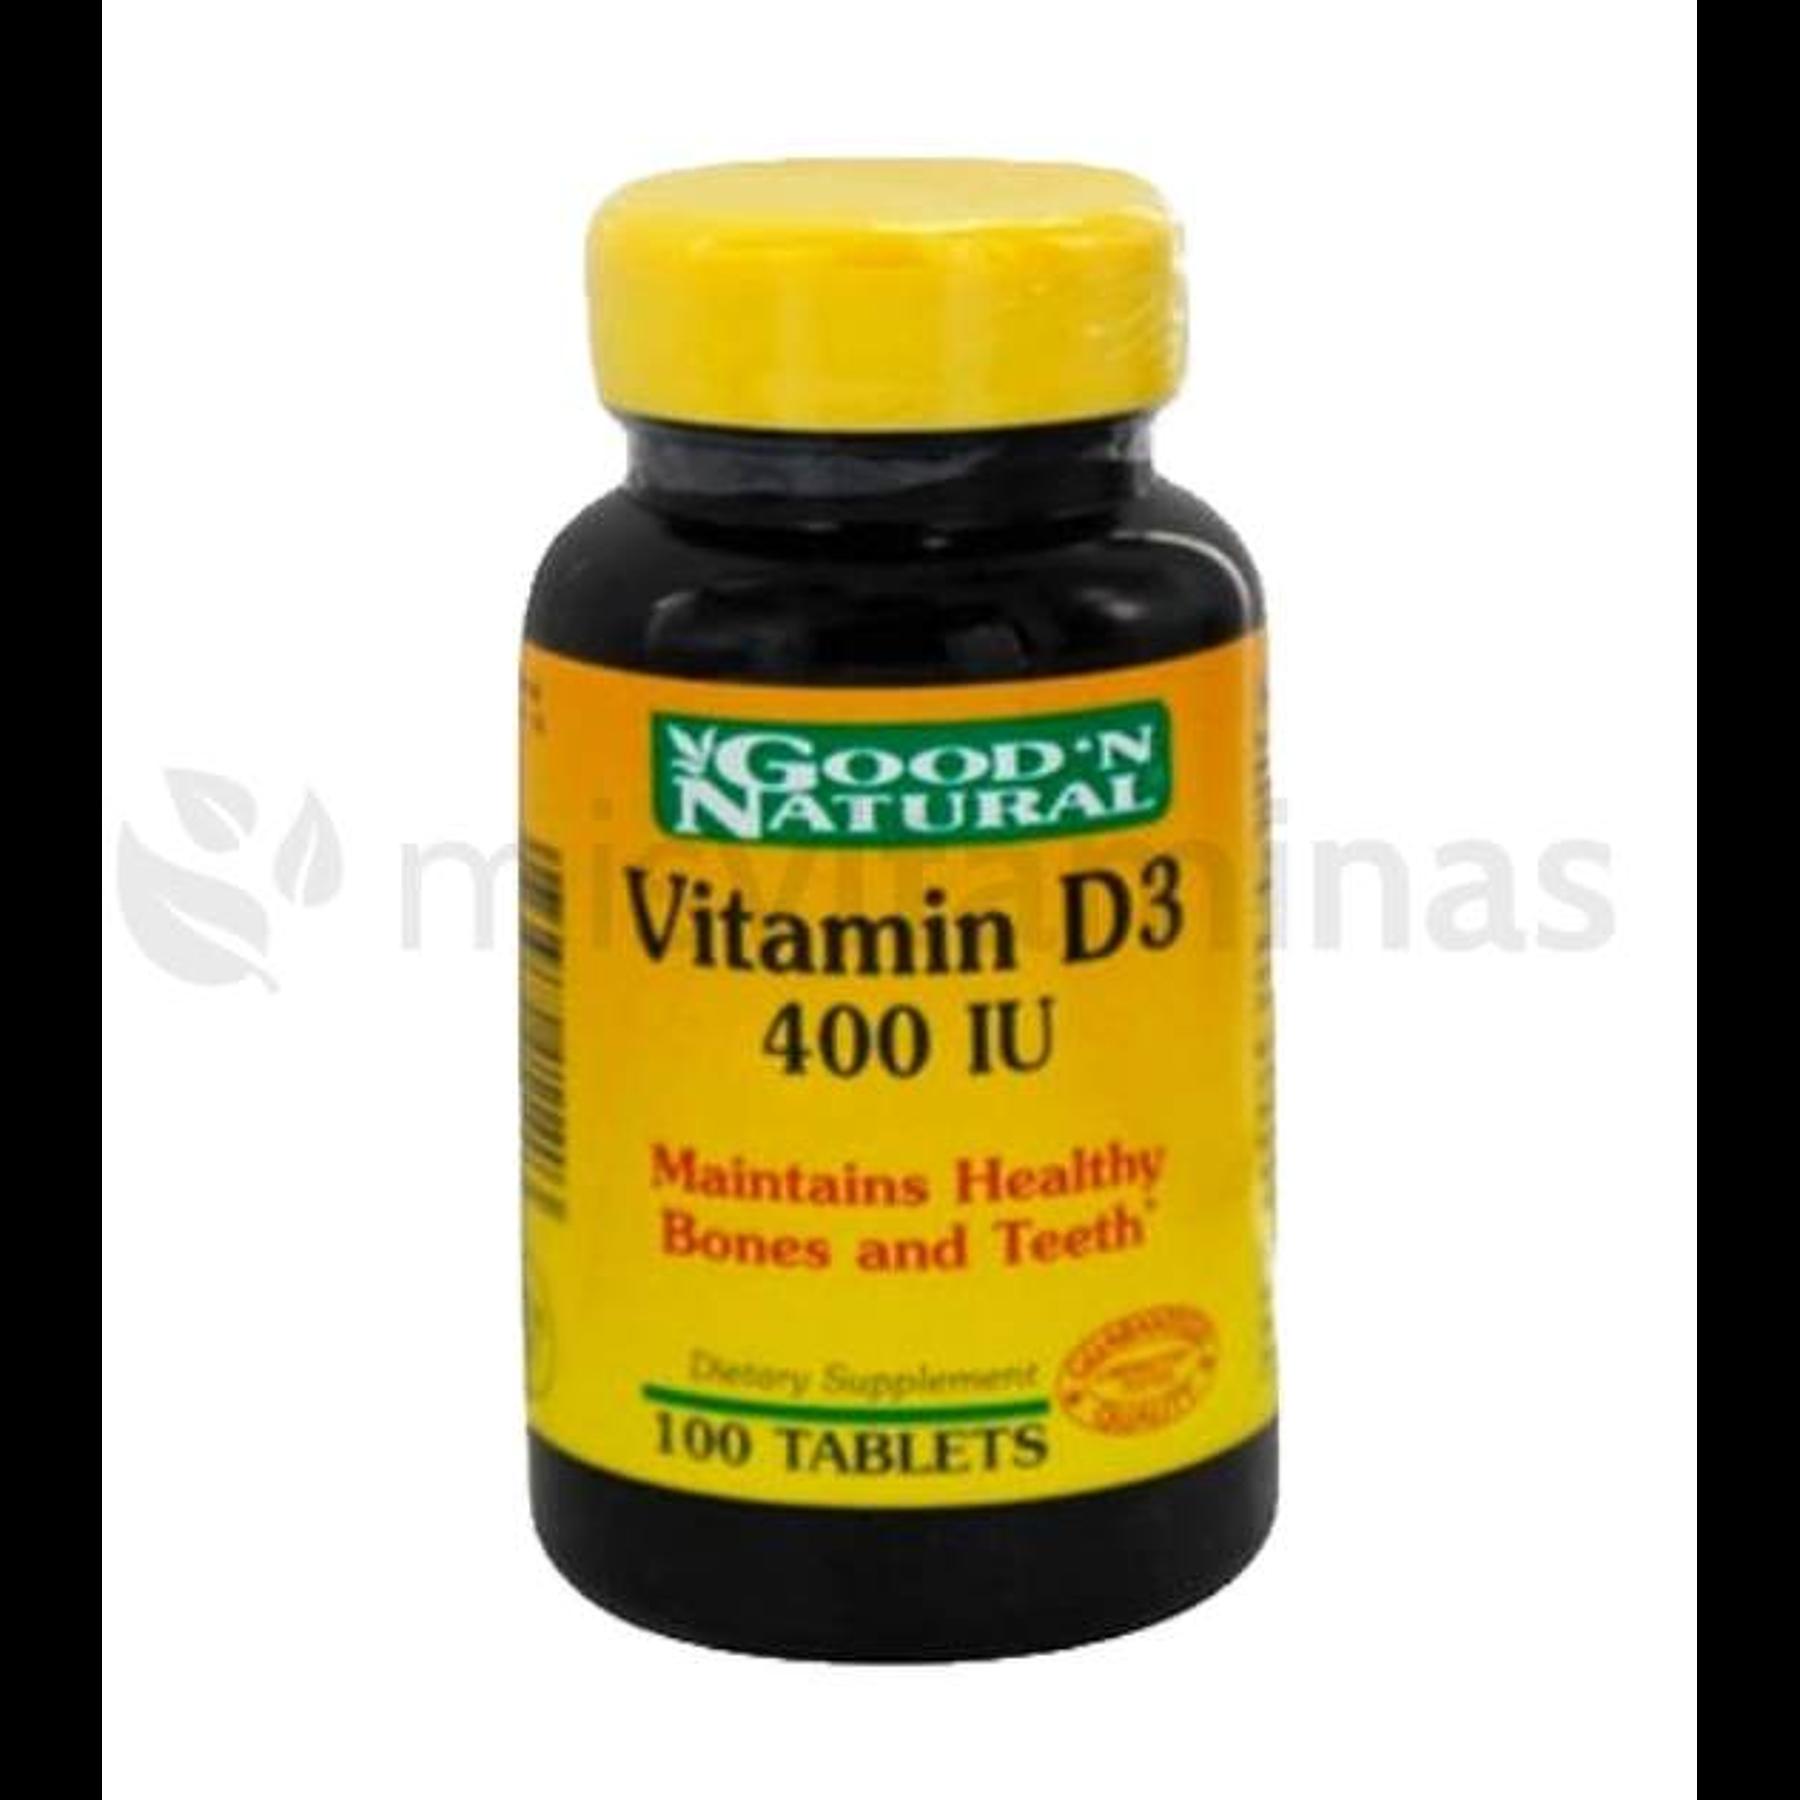 Vitamina D3 400 IU GoodN Natural